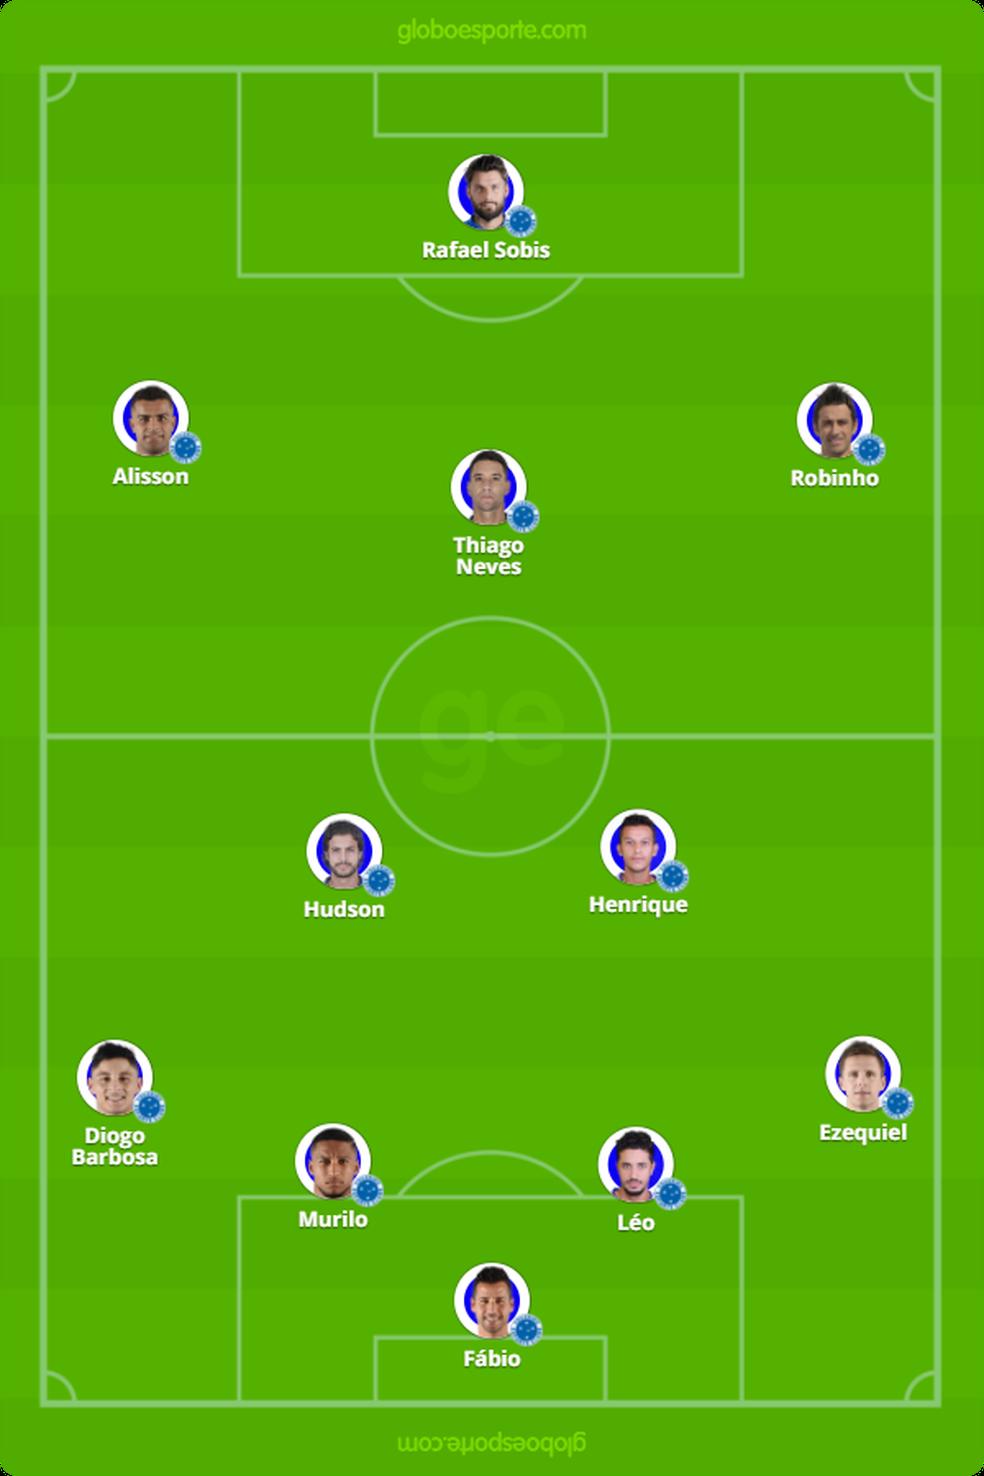 Escalação provável do Cruzeiro para a final (Foto: GloboEsporte.com)